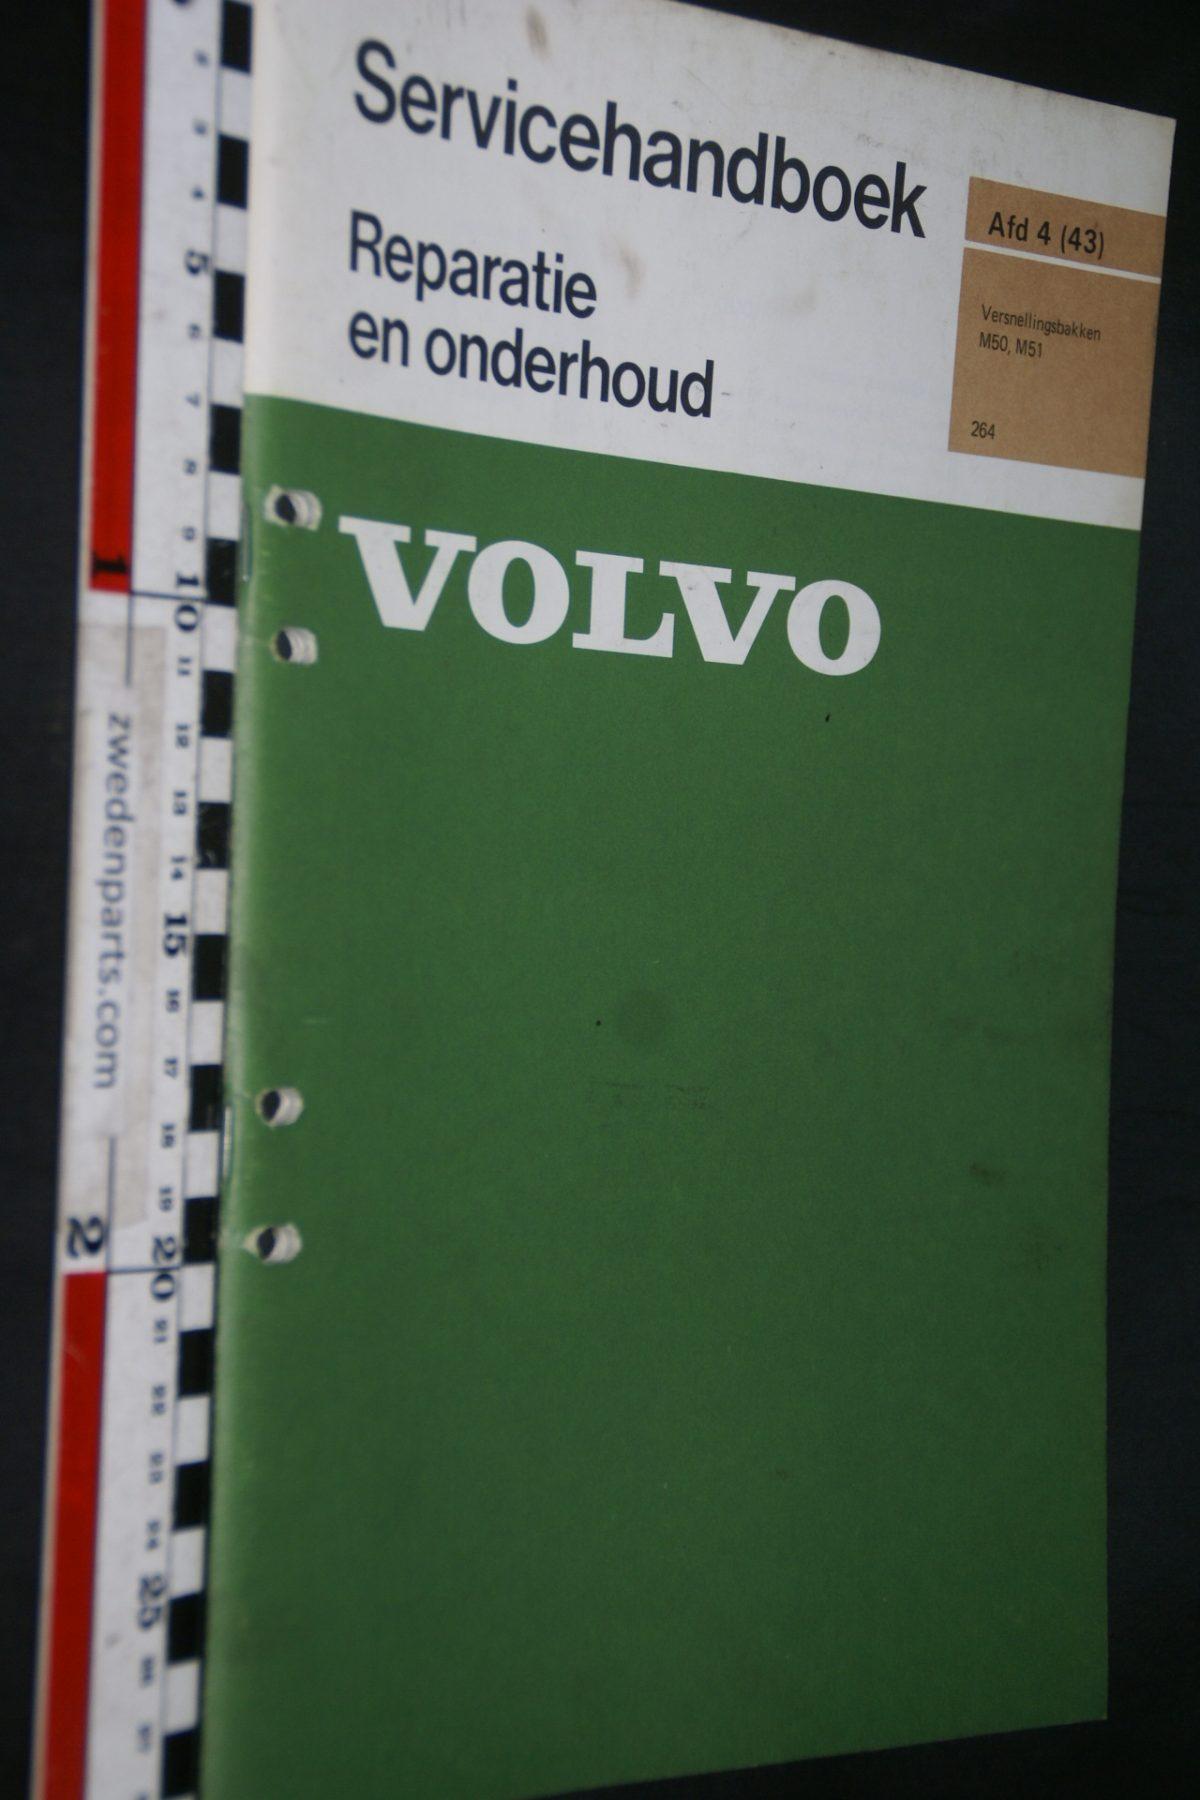 DSC06742 1975 origineel M50, M51 servicehandboek 4 (43) versnellingsbakken 1 van 500 TP 10991-1